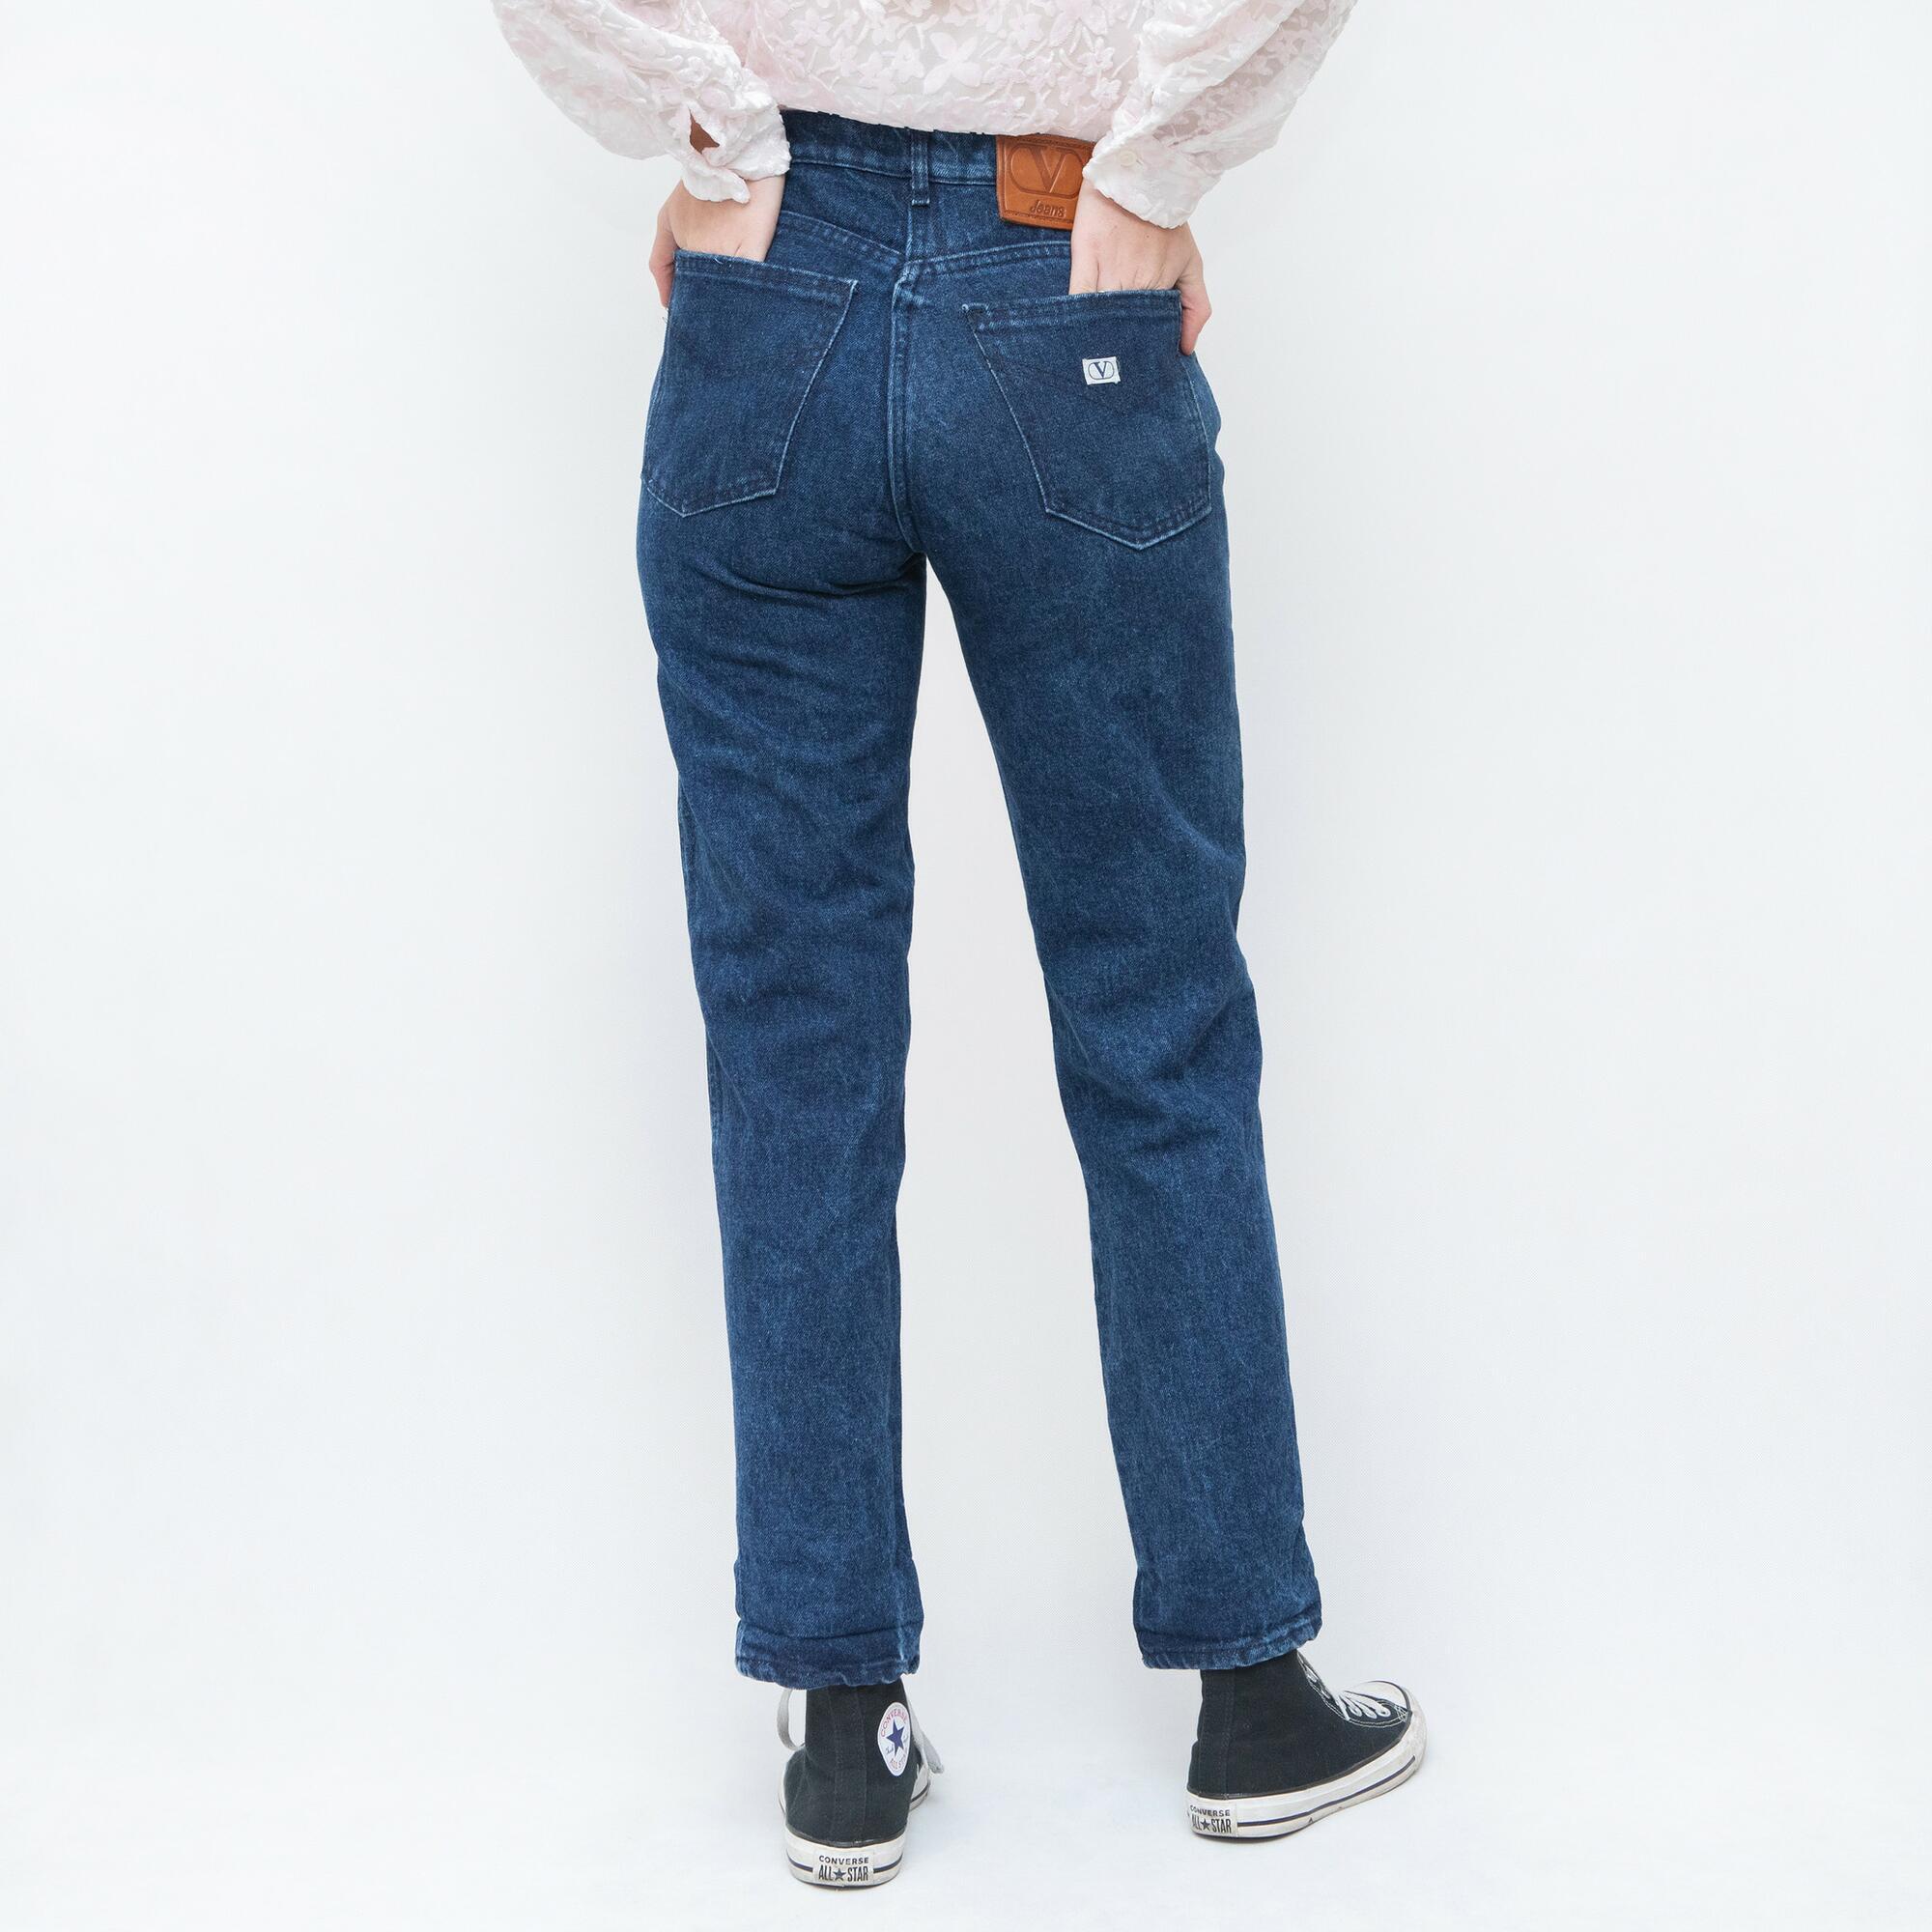 VALENTINO Spodnie w kolorze ciemnego granatu - KEX Vintage Store | JestemSlow.pl